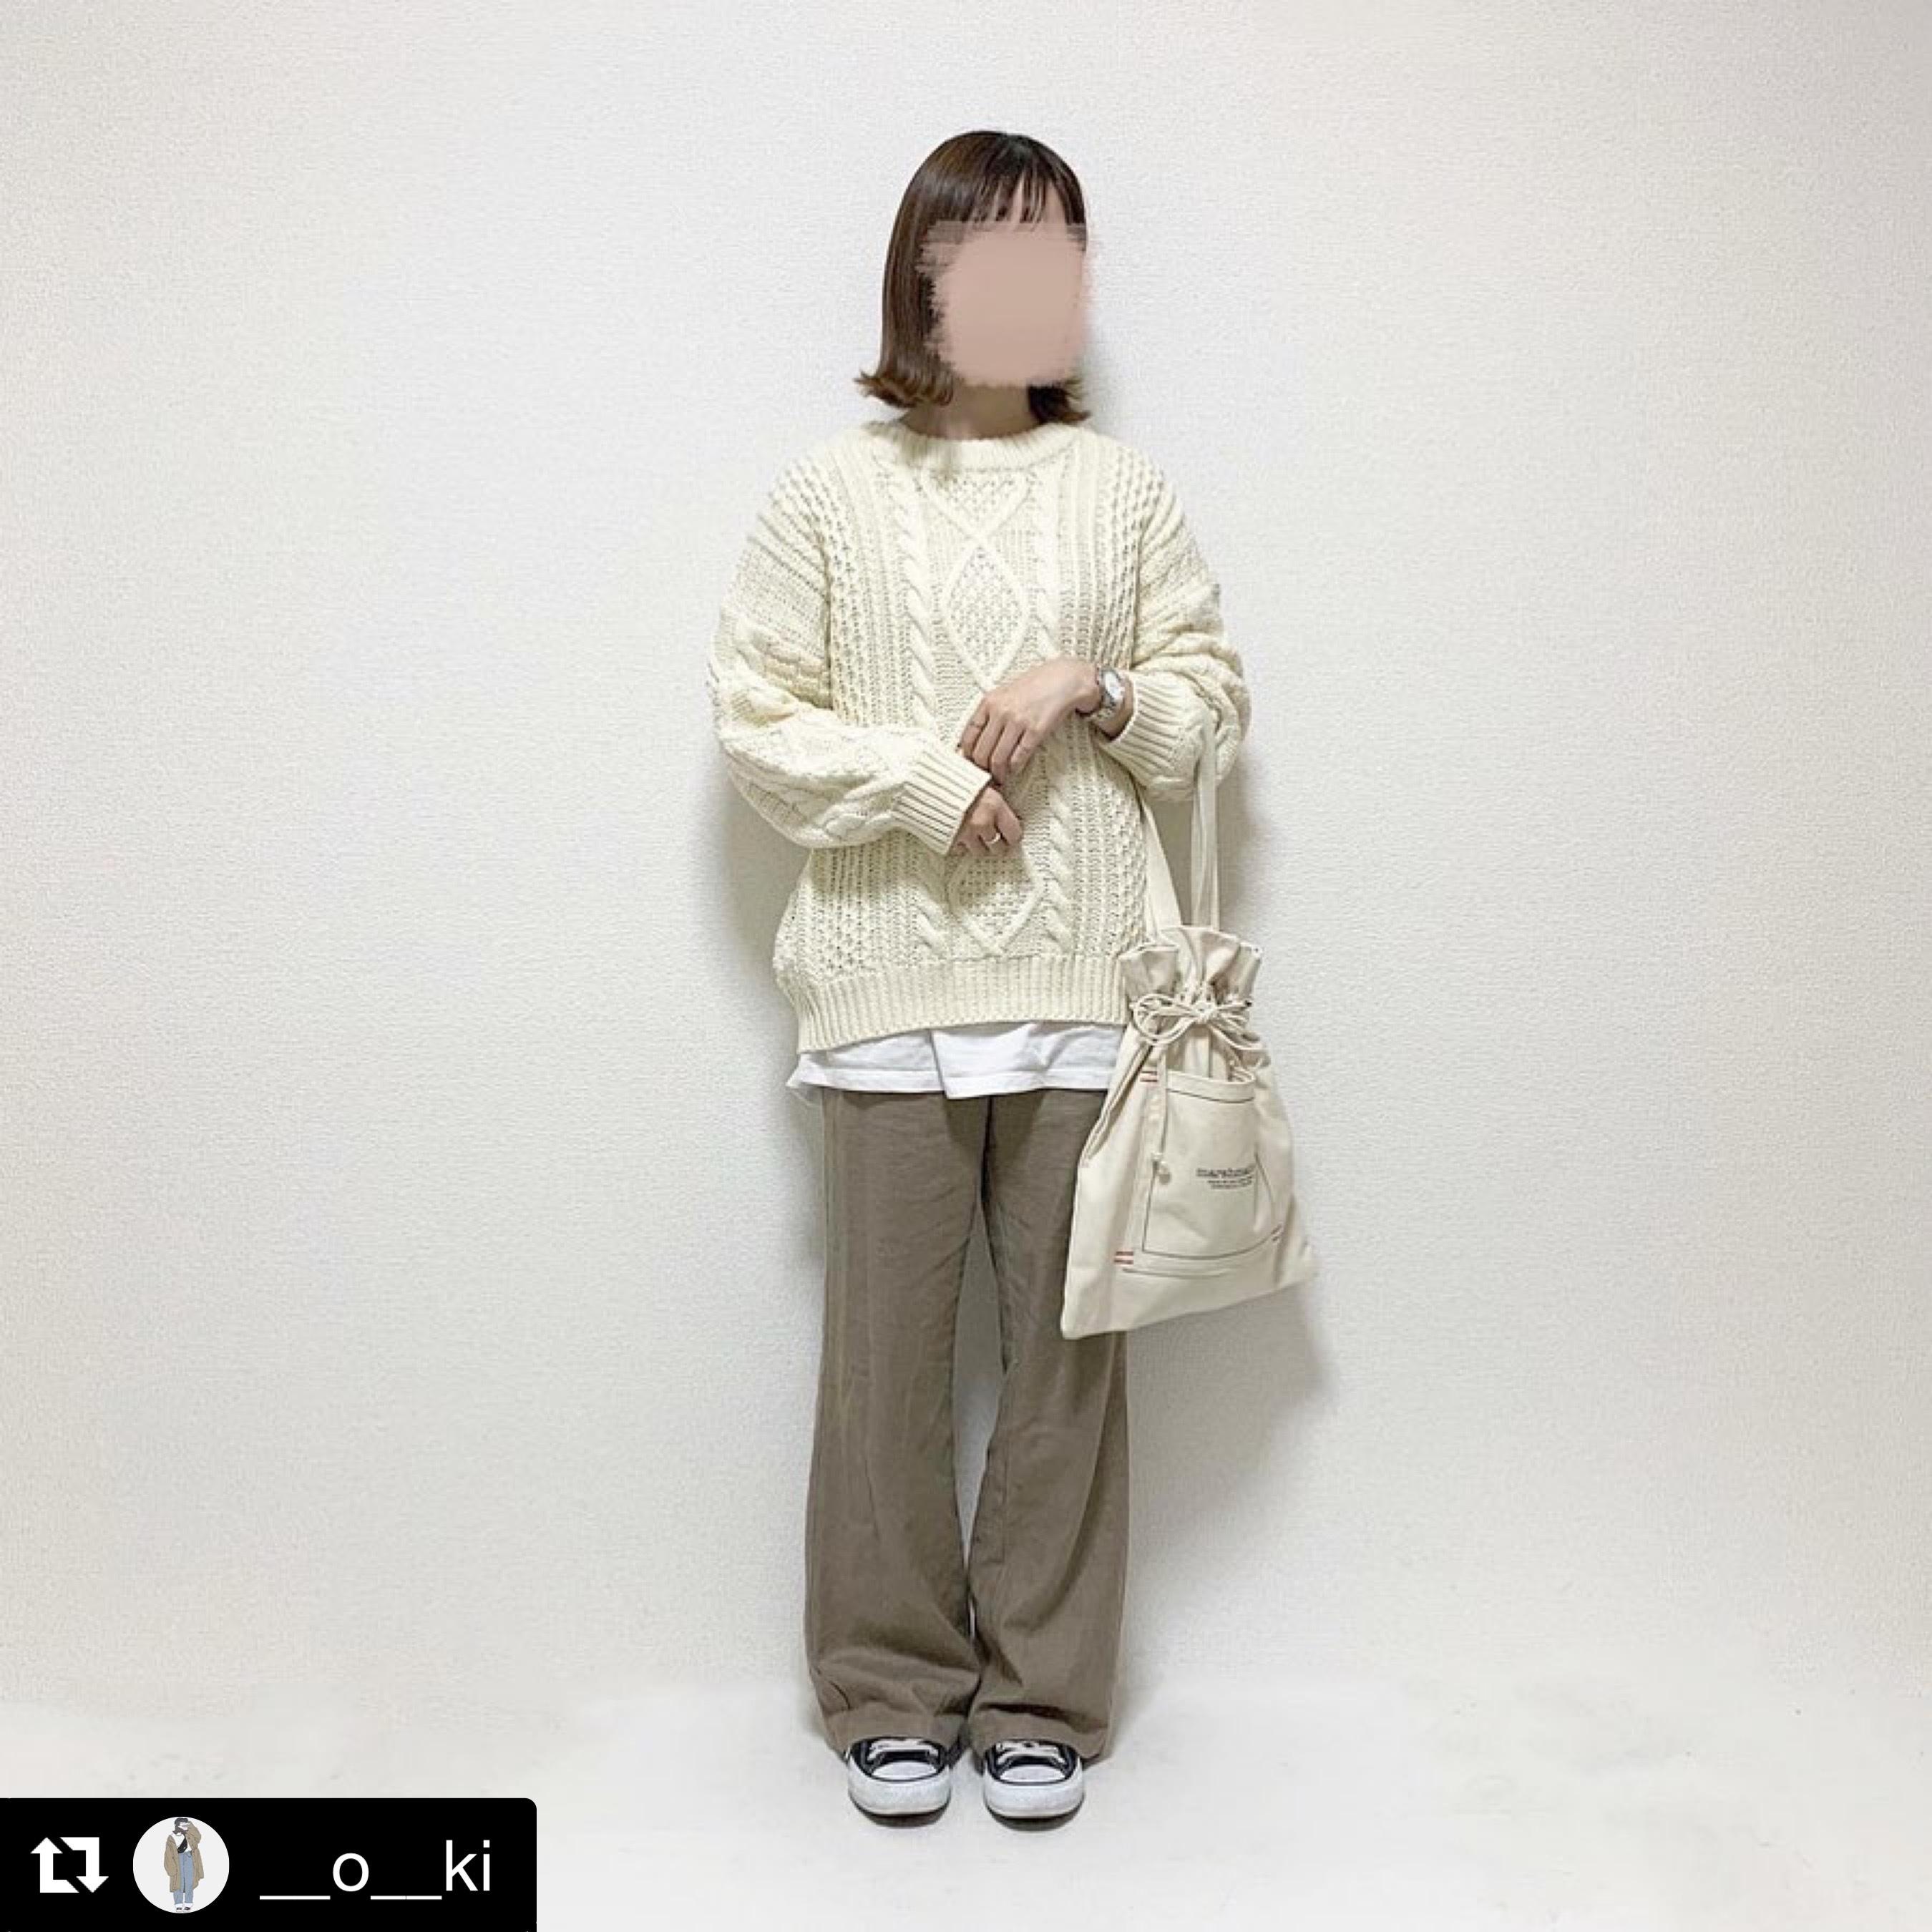 【送料無料】 冬のヘビロテアイテム♡ ざっくり オーバーサイズ ケーブル編み ニット トップス 大人可愛い カジュアル